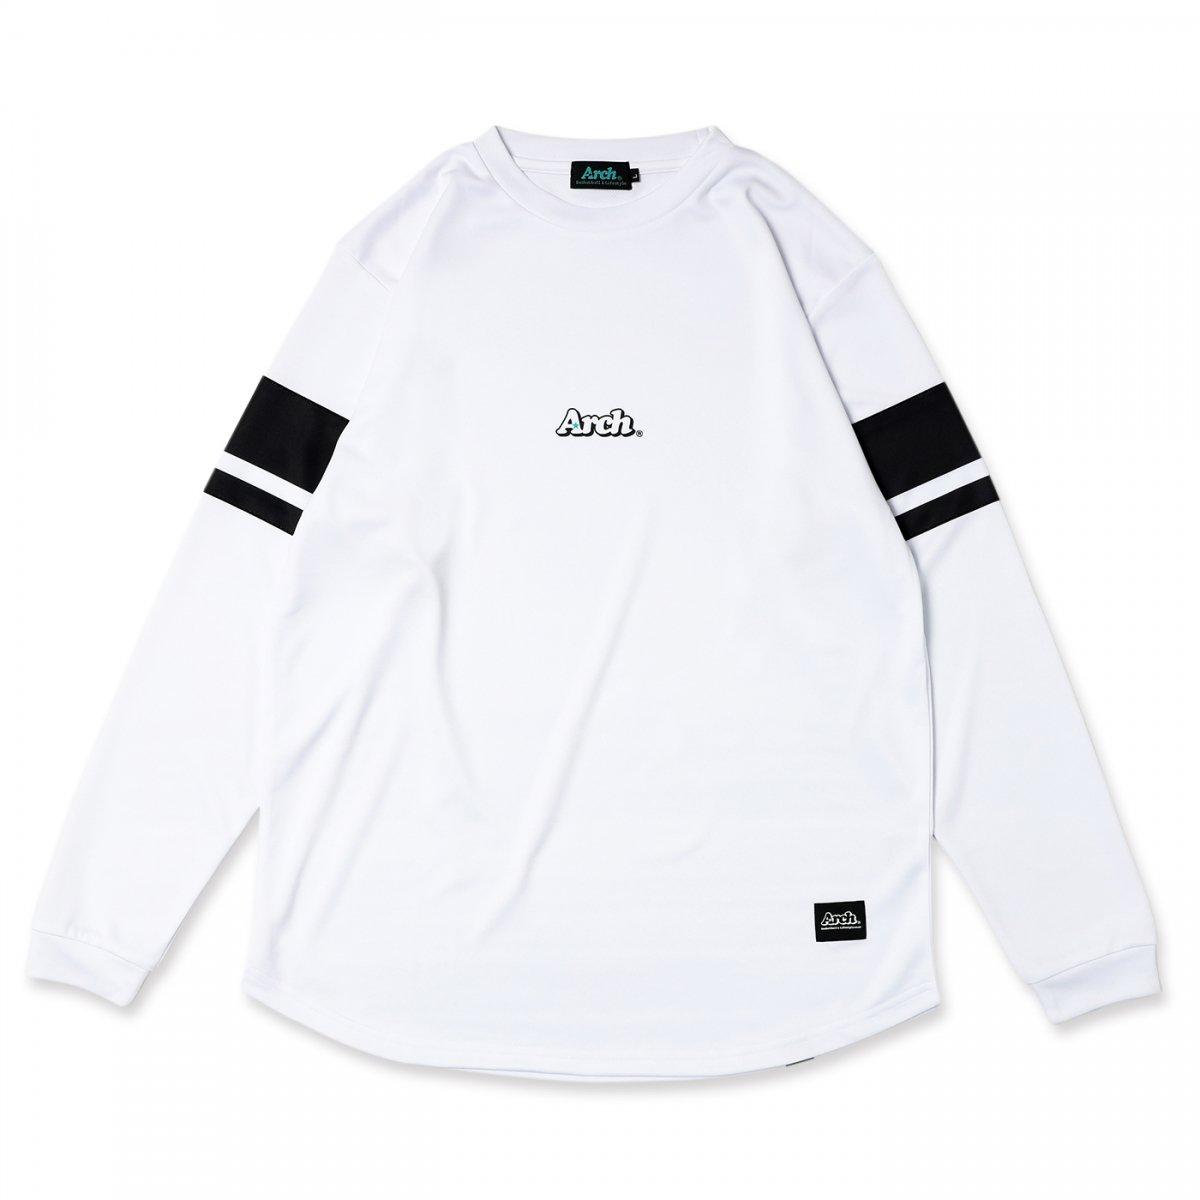 スリーブボーダー L/S Tシャツ ホワイト